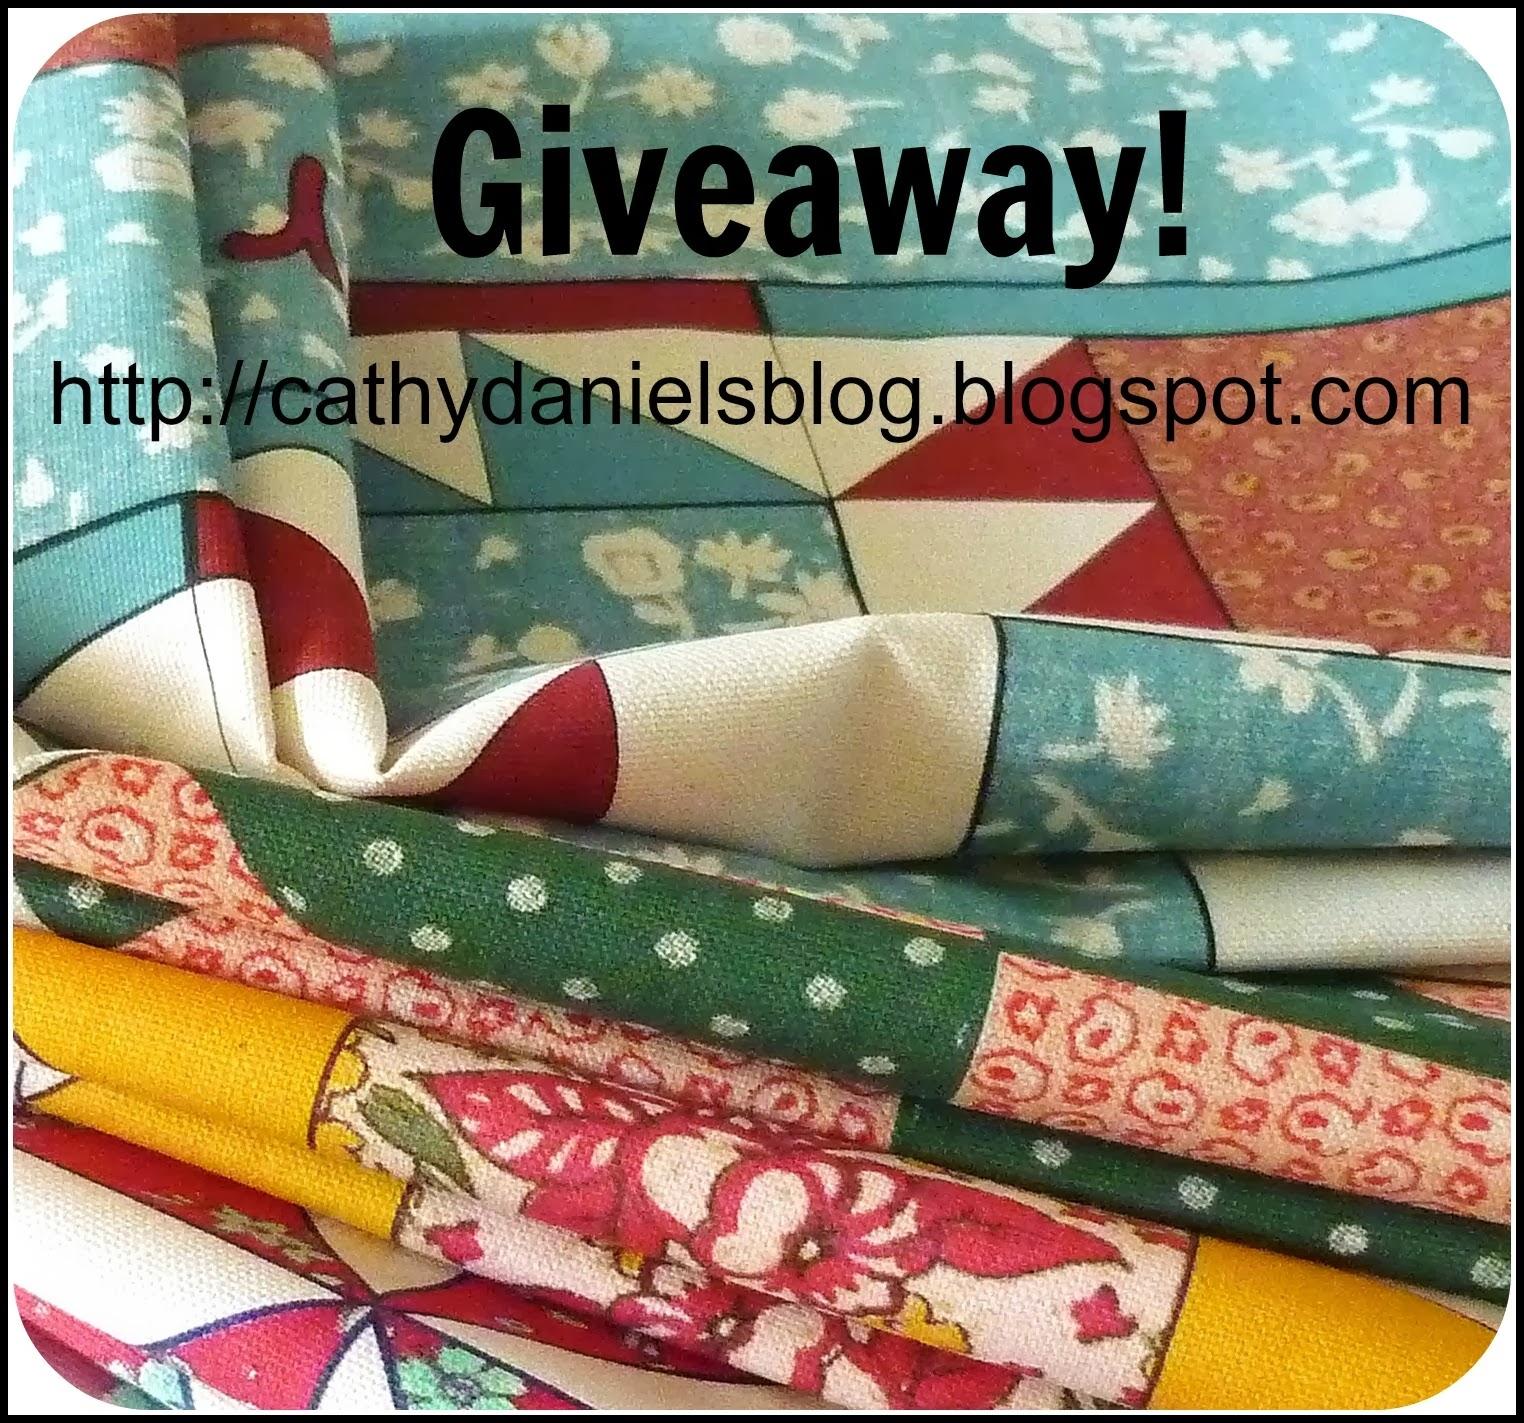 http://cathydanielsblog.blogspot.com/